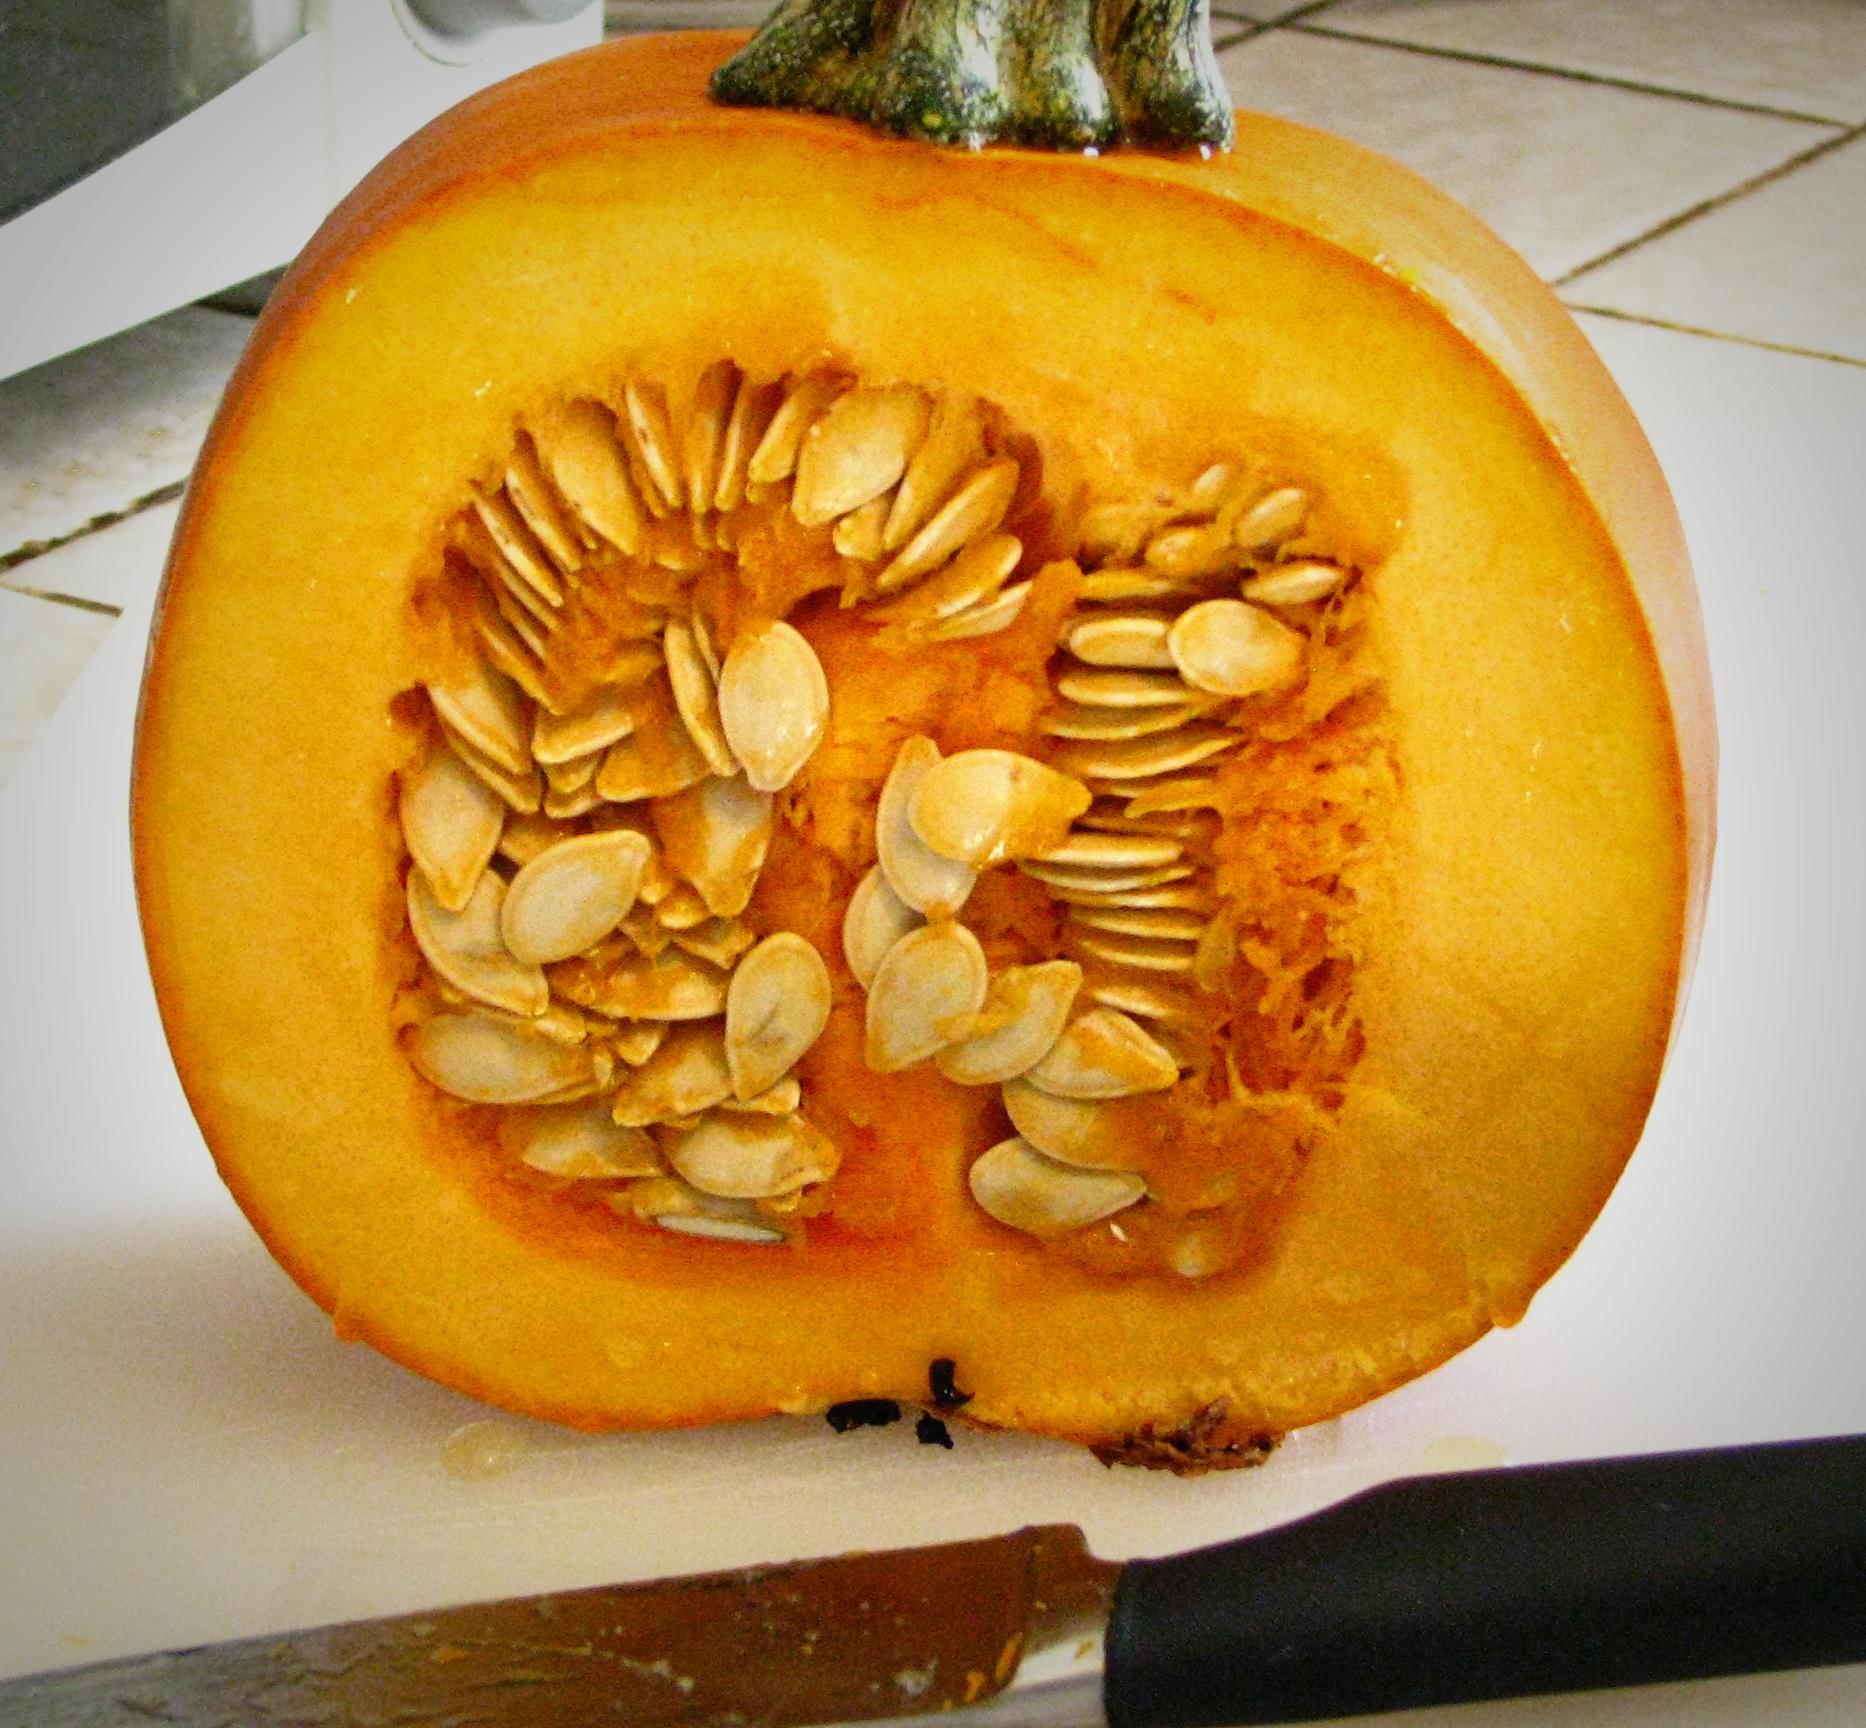 eating pumpkin rind